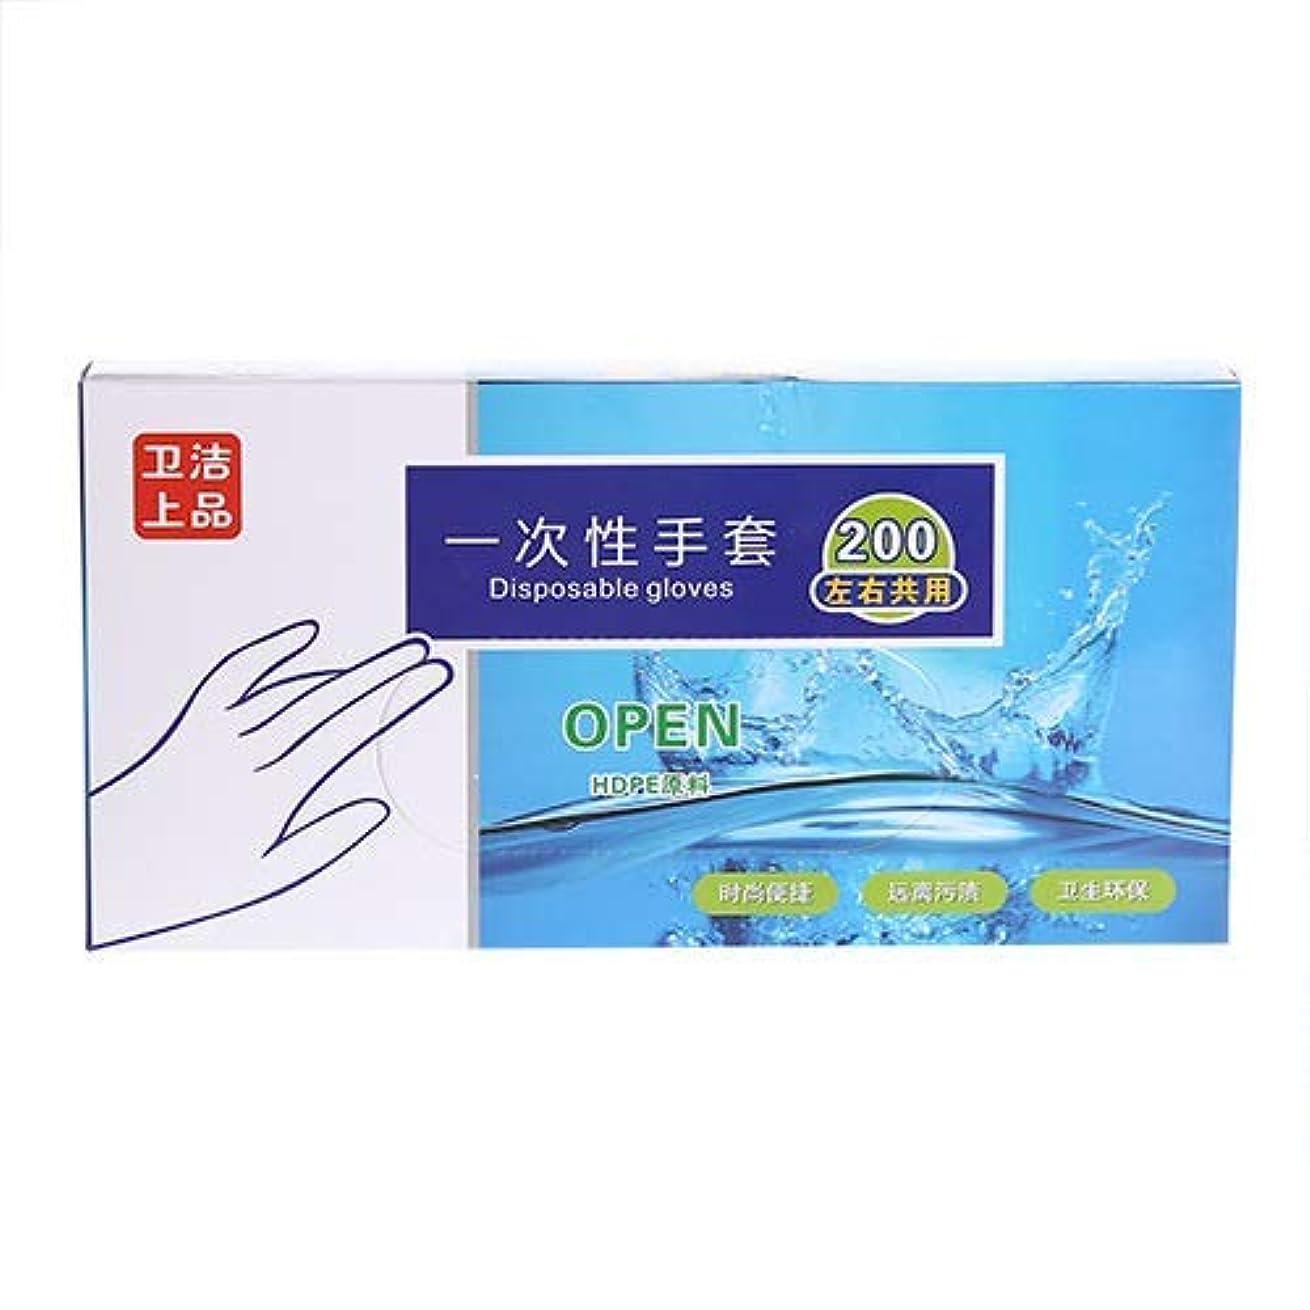 食い違い写真の暖かさ使い捨て手袋 ニトリルグローブ ホワイト 粉なし 100枚入り /200枚入り